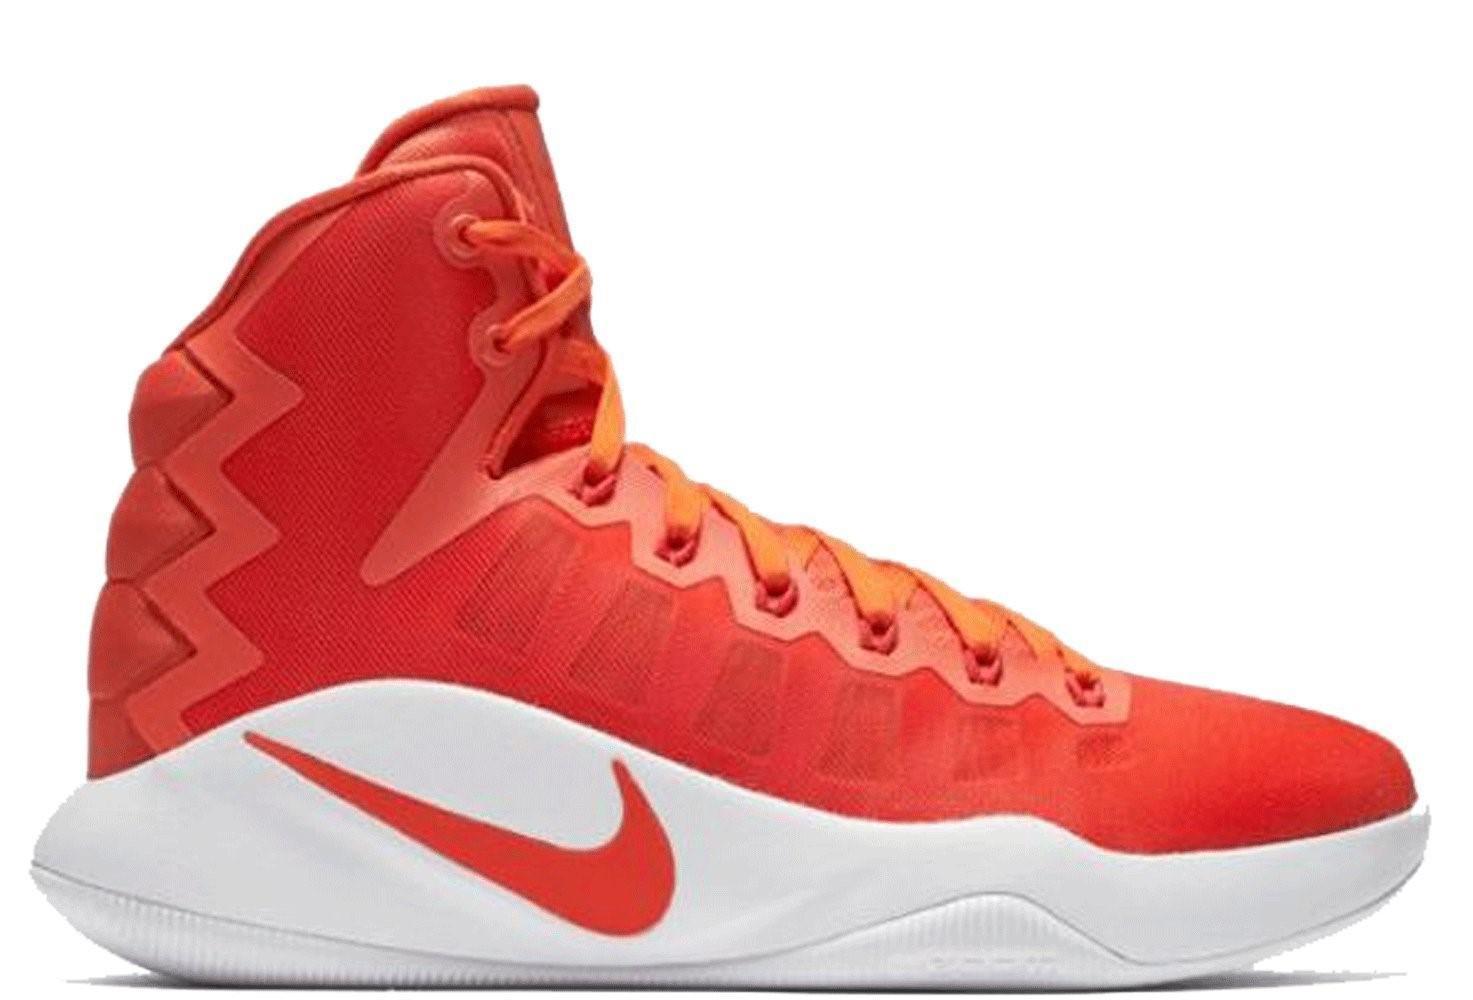 e3ff38e7b80 Lyst - Nike Hyperdunk 2016 Basketball Shoe in Orange for Men